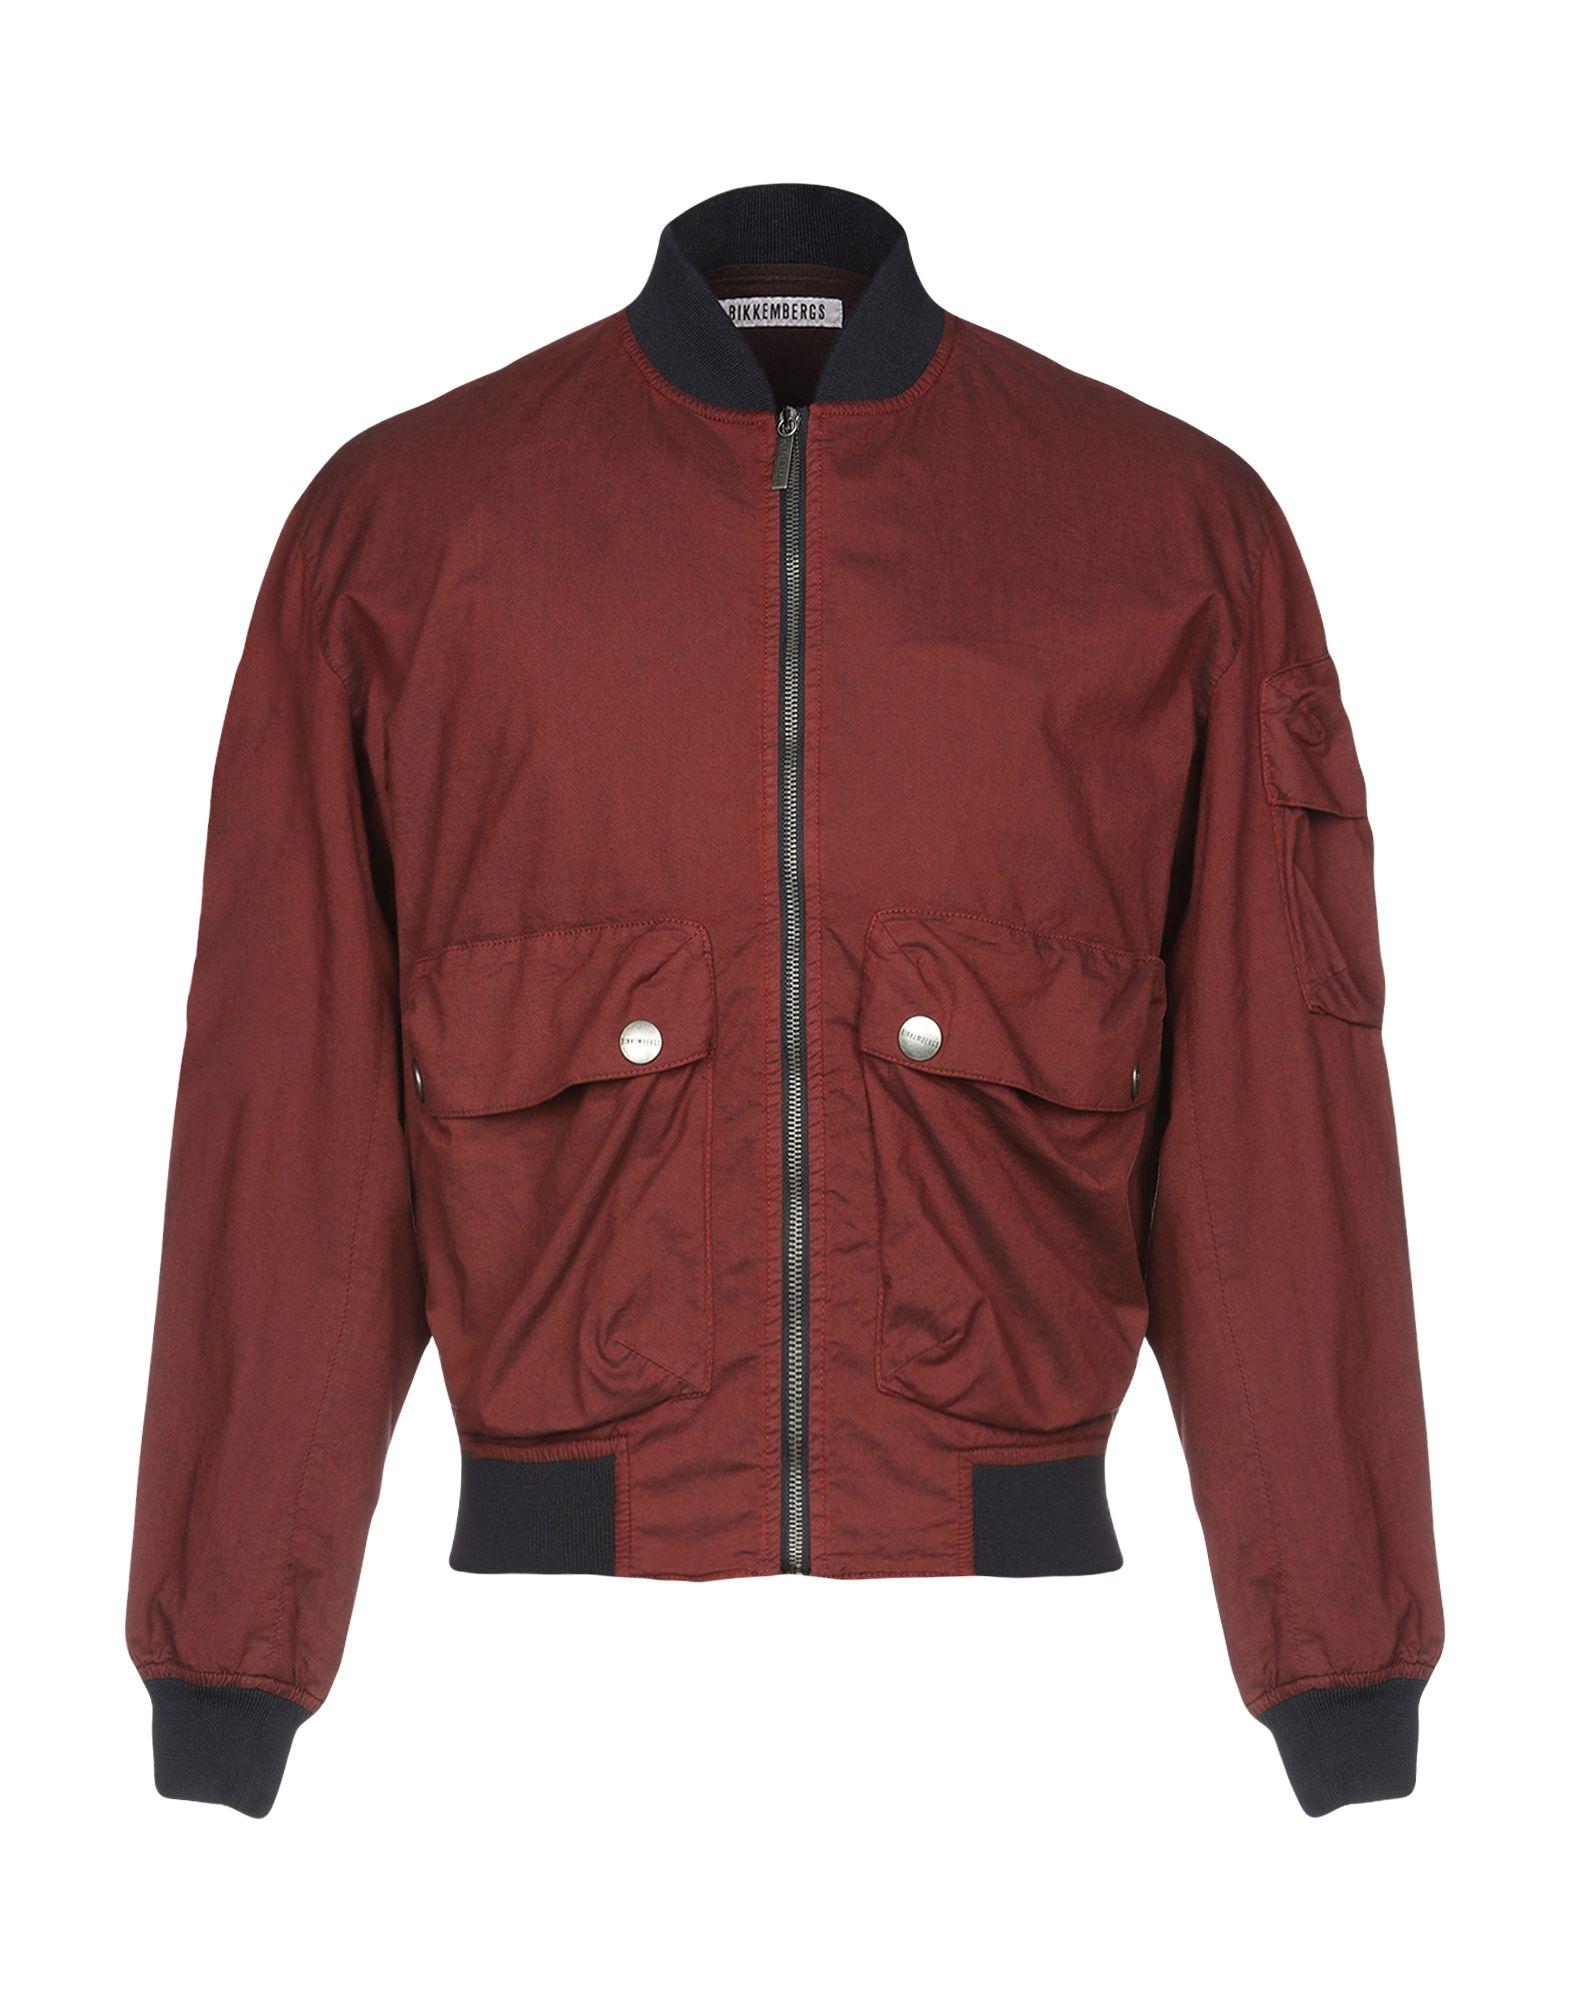 BIKKEMBERGS Jackets in Maroon